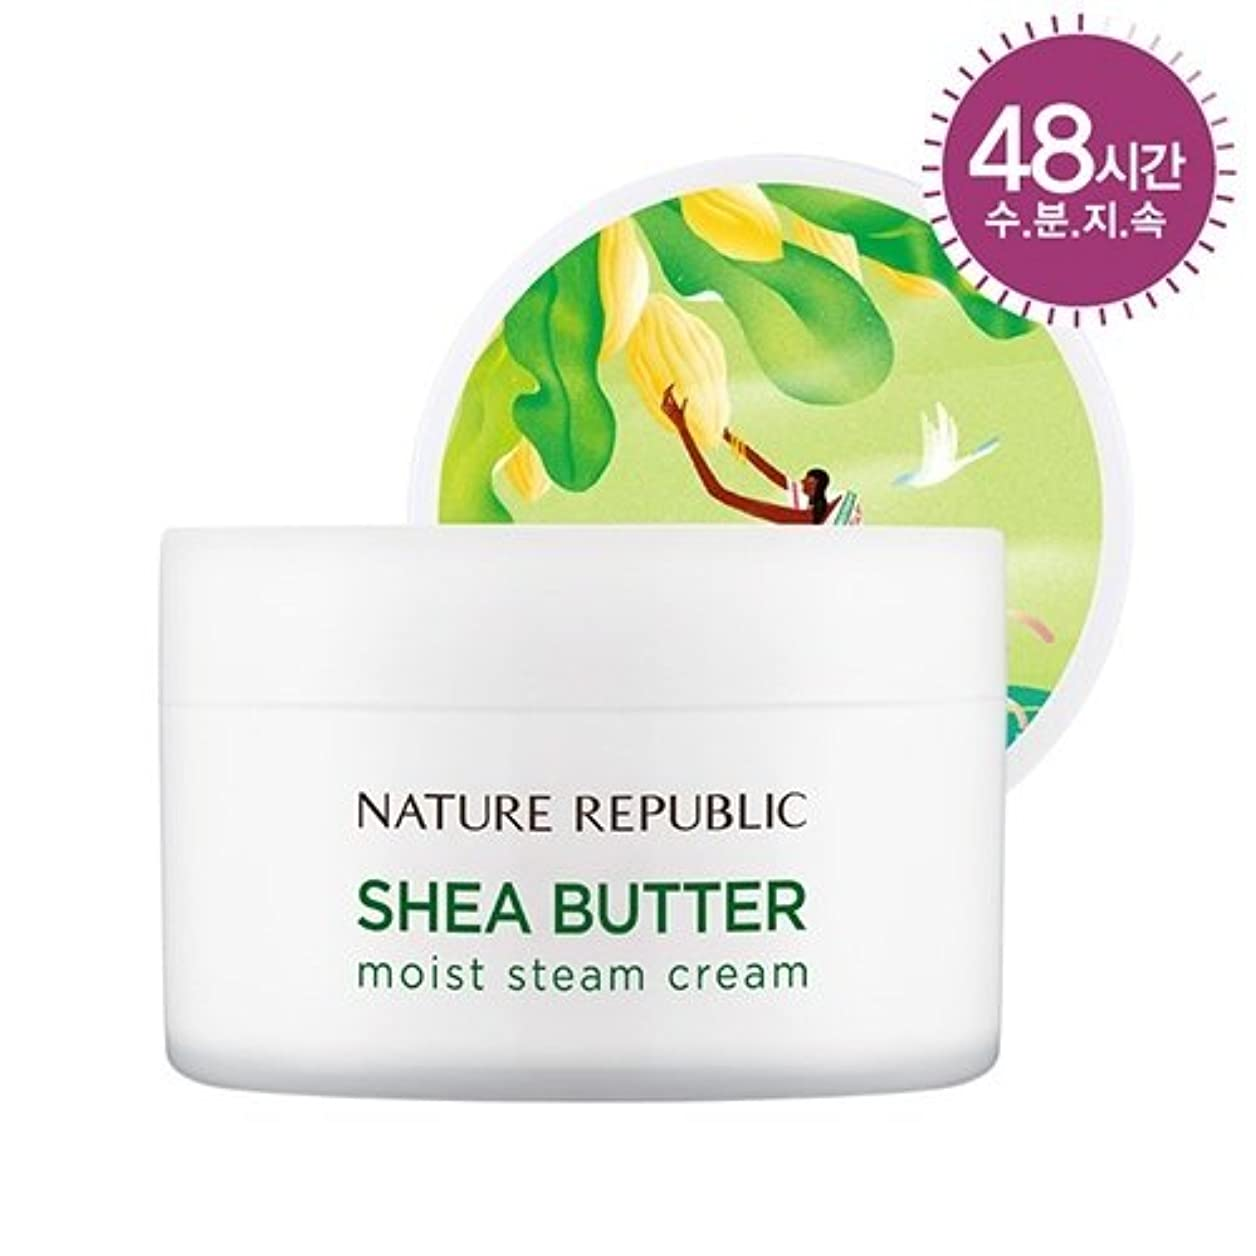 狂気包囲効率的NATURE REPUBLIC(ネイチャーリパブリック) SHEA BUTTER STEAM CREAM シアバター スチーム クリーム #モイスト乾燥肌